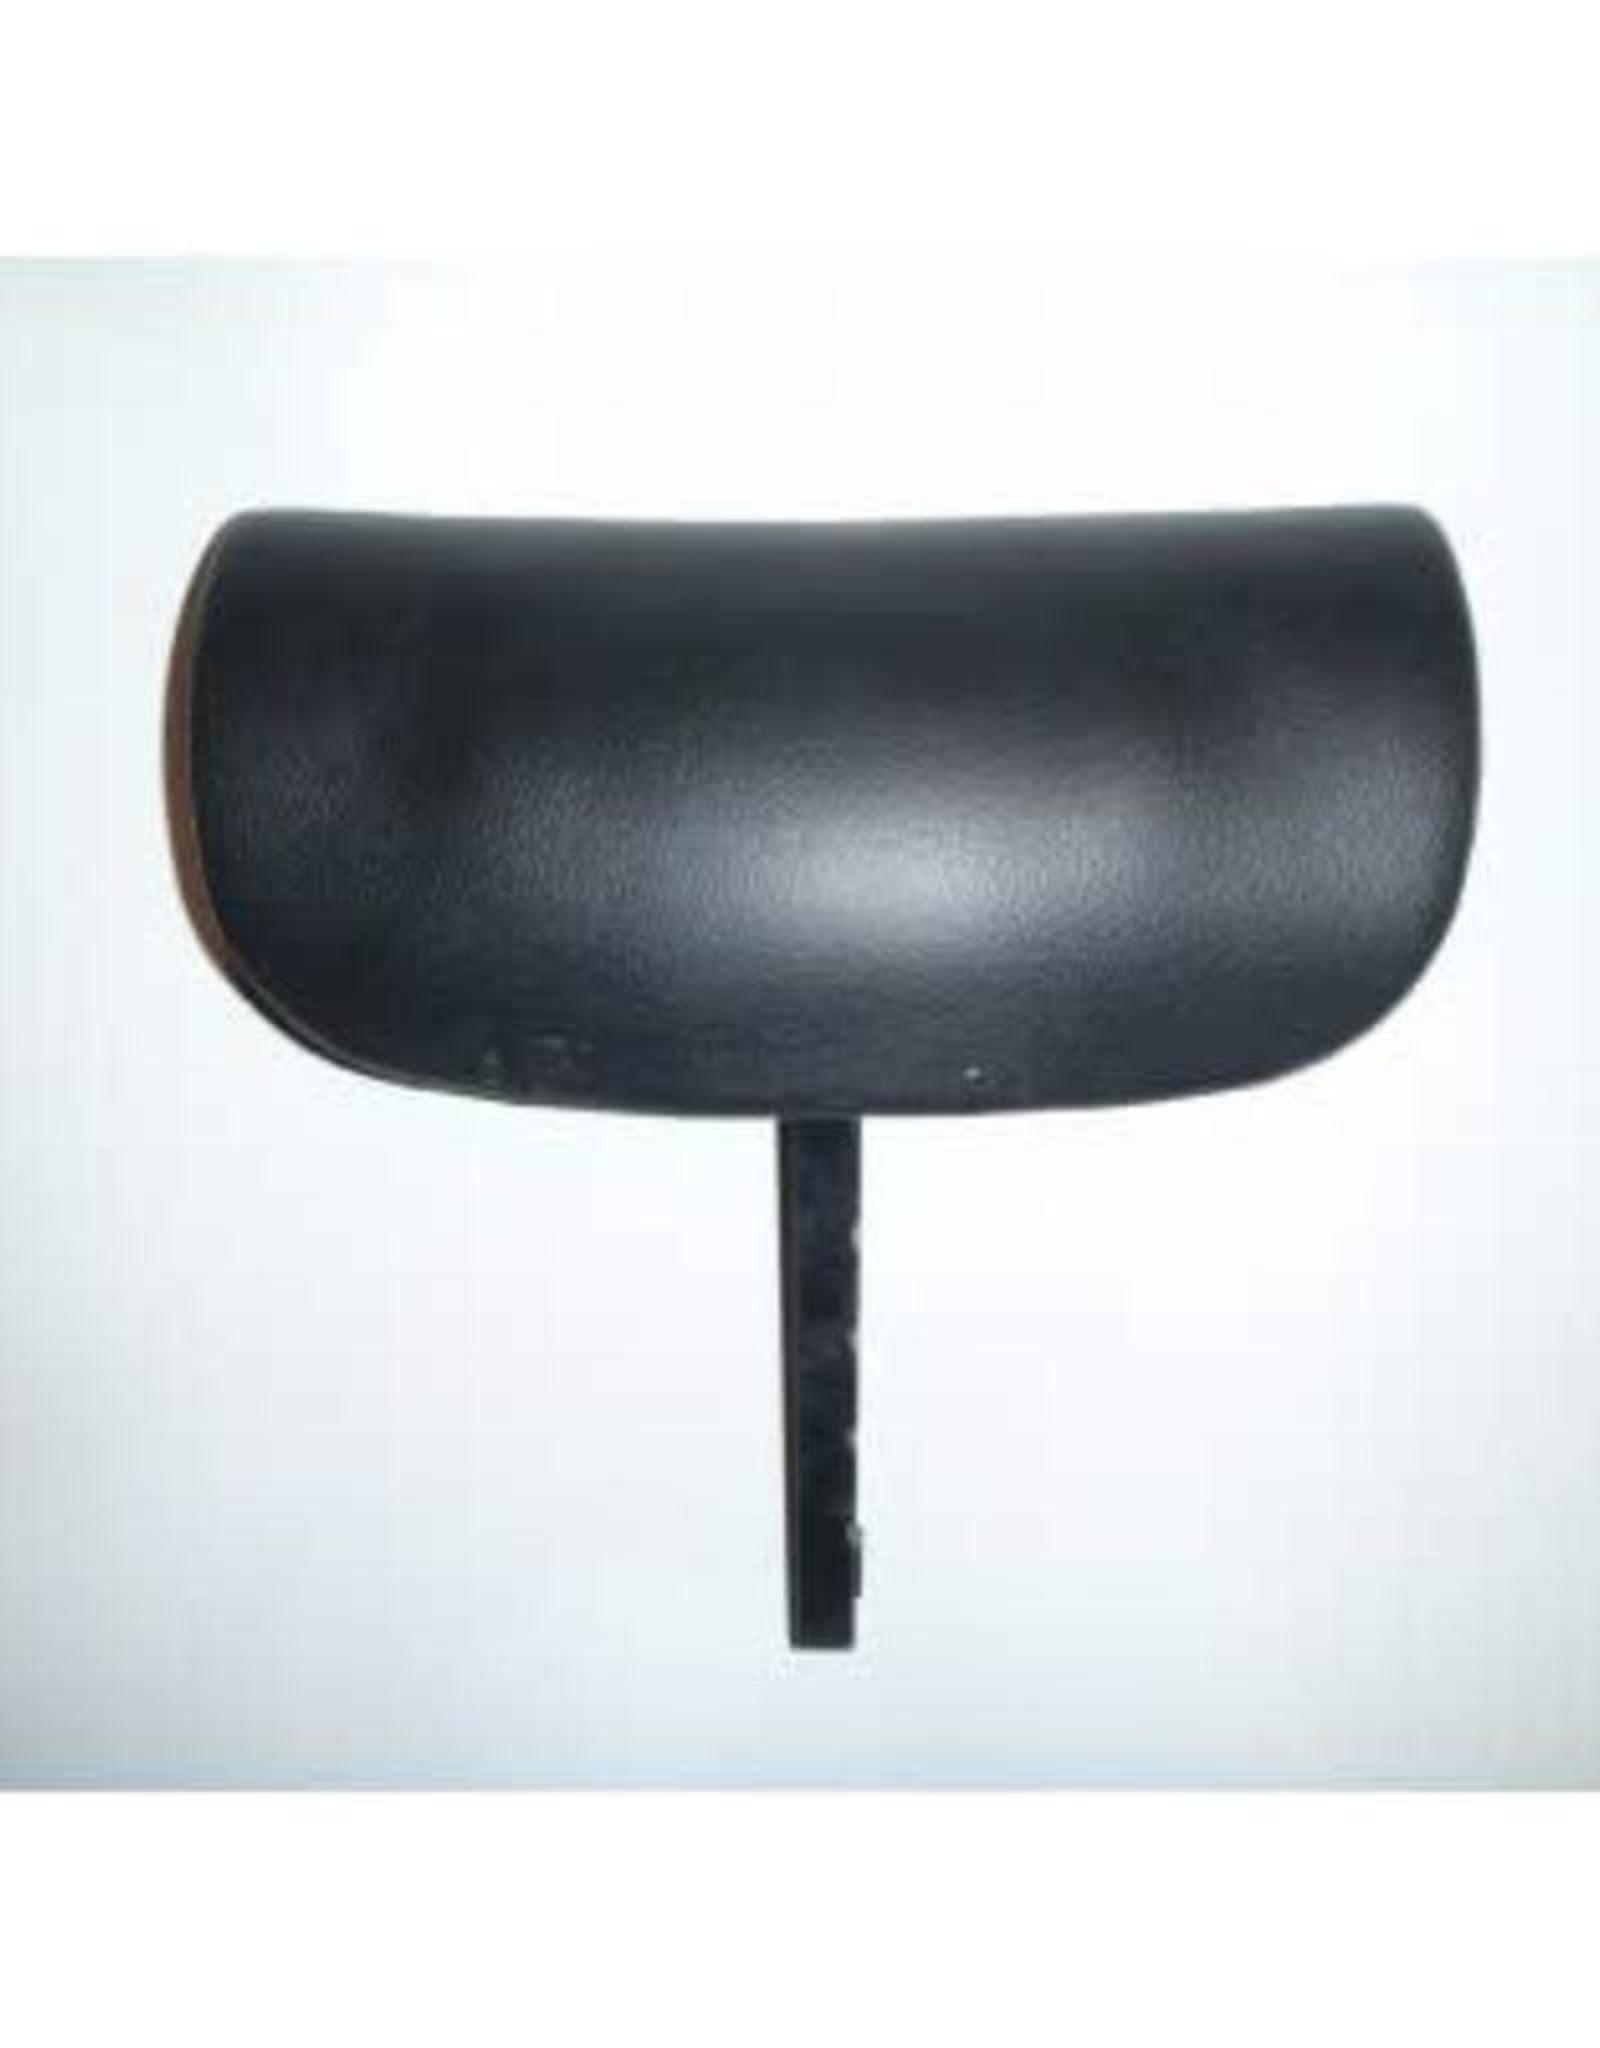 Pillow Adjustable Black w/mounting bracket